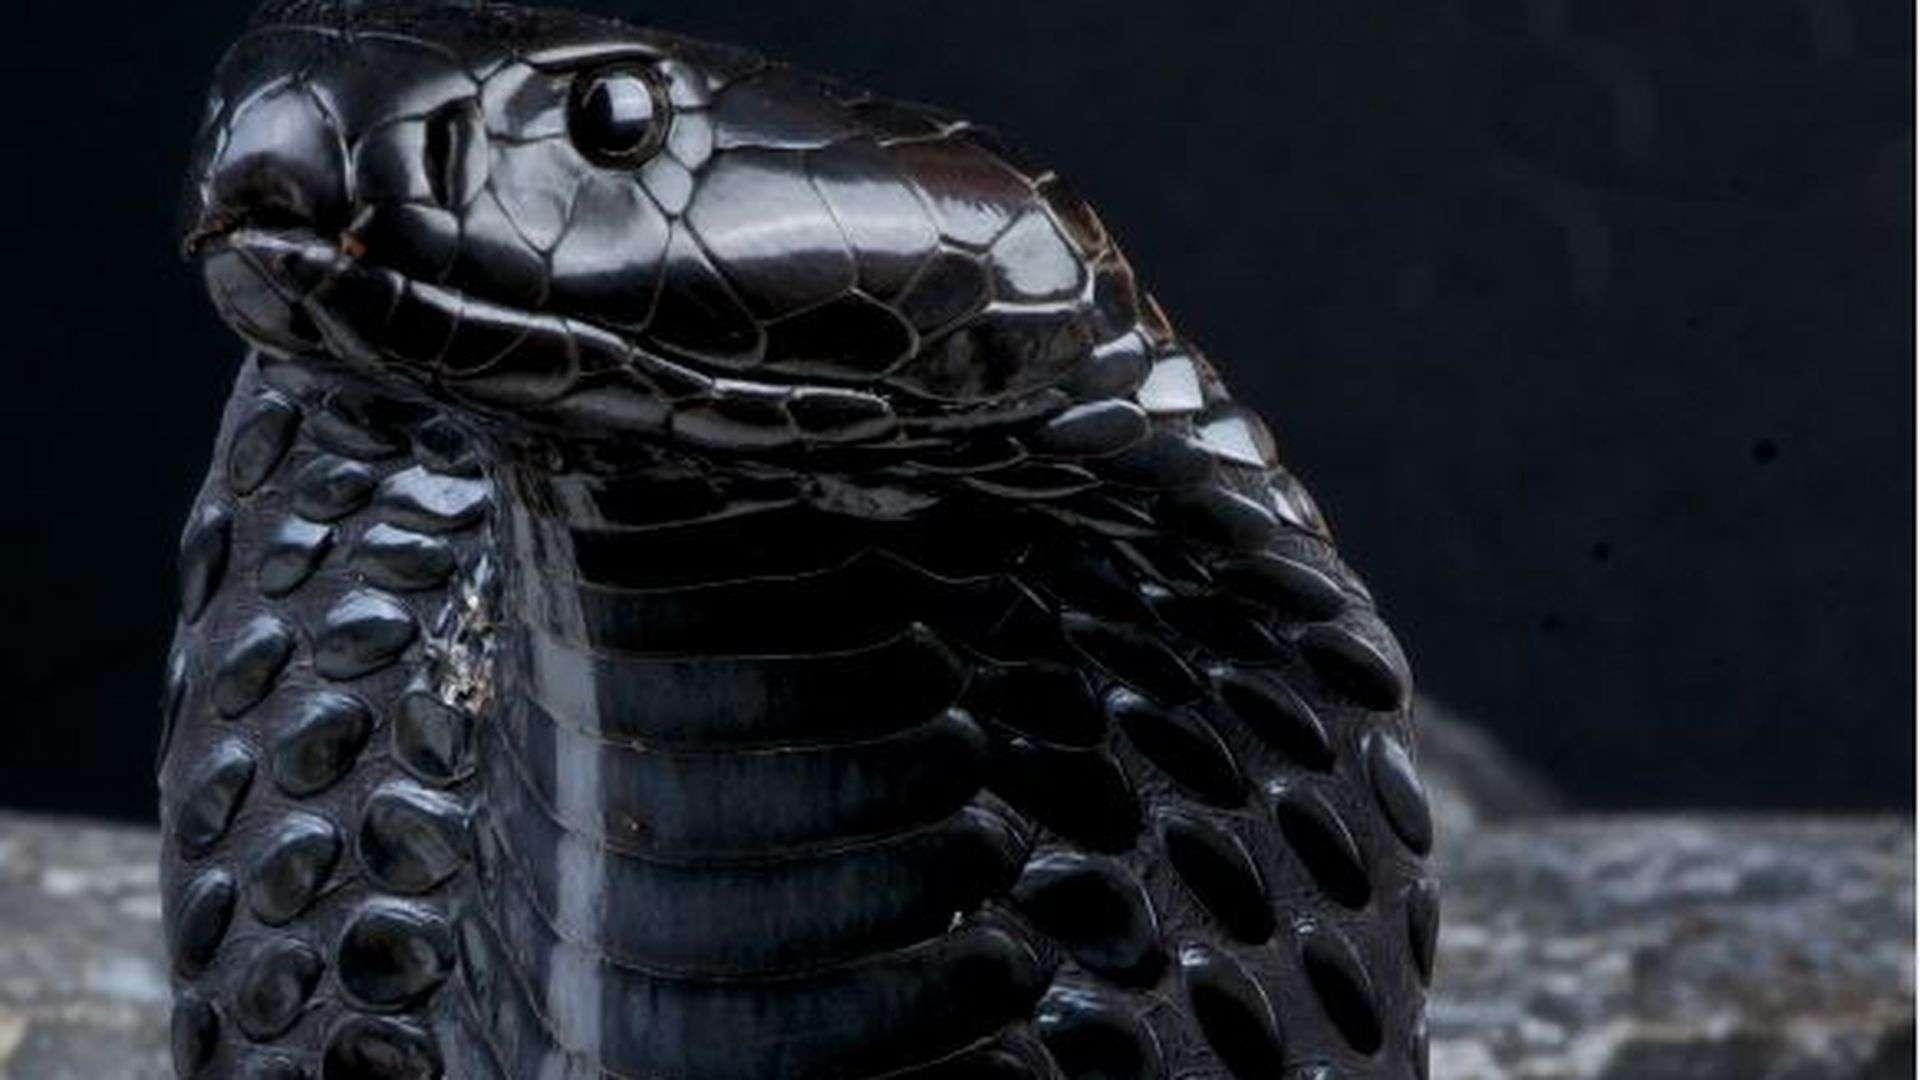 Фото кобра обои на телефон